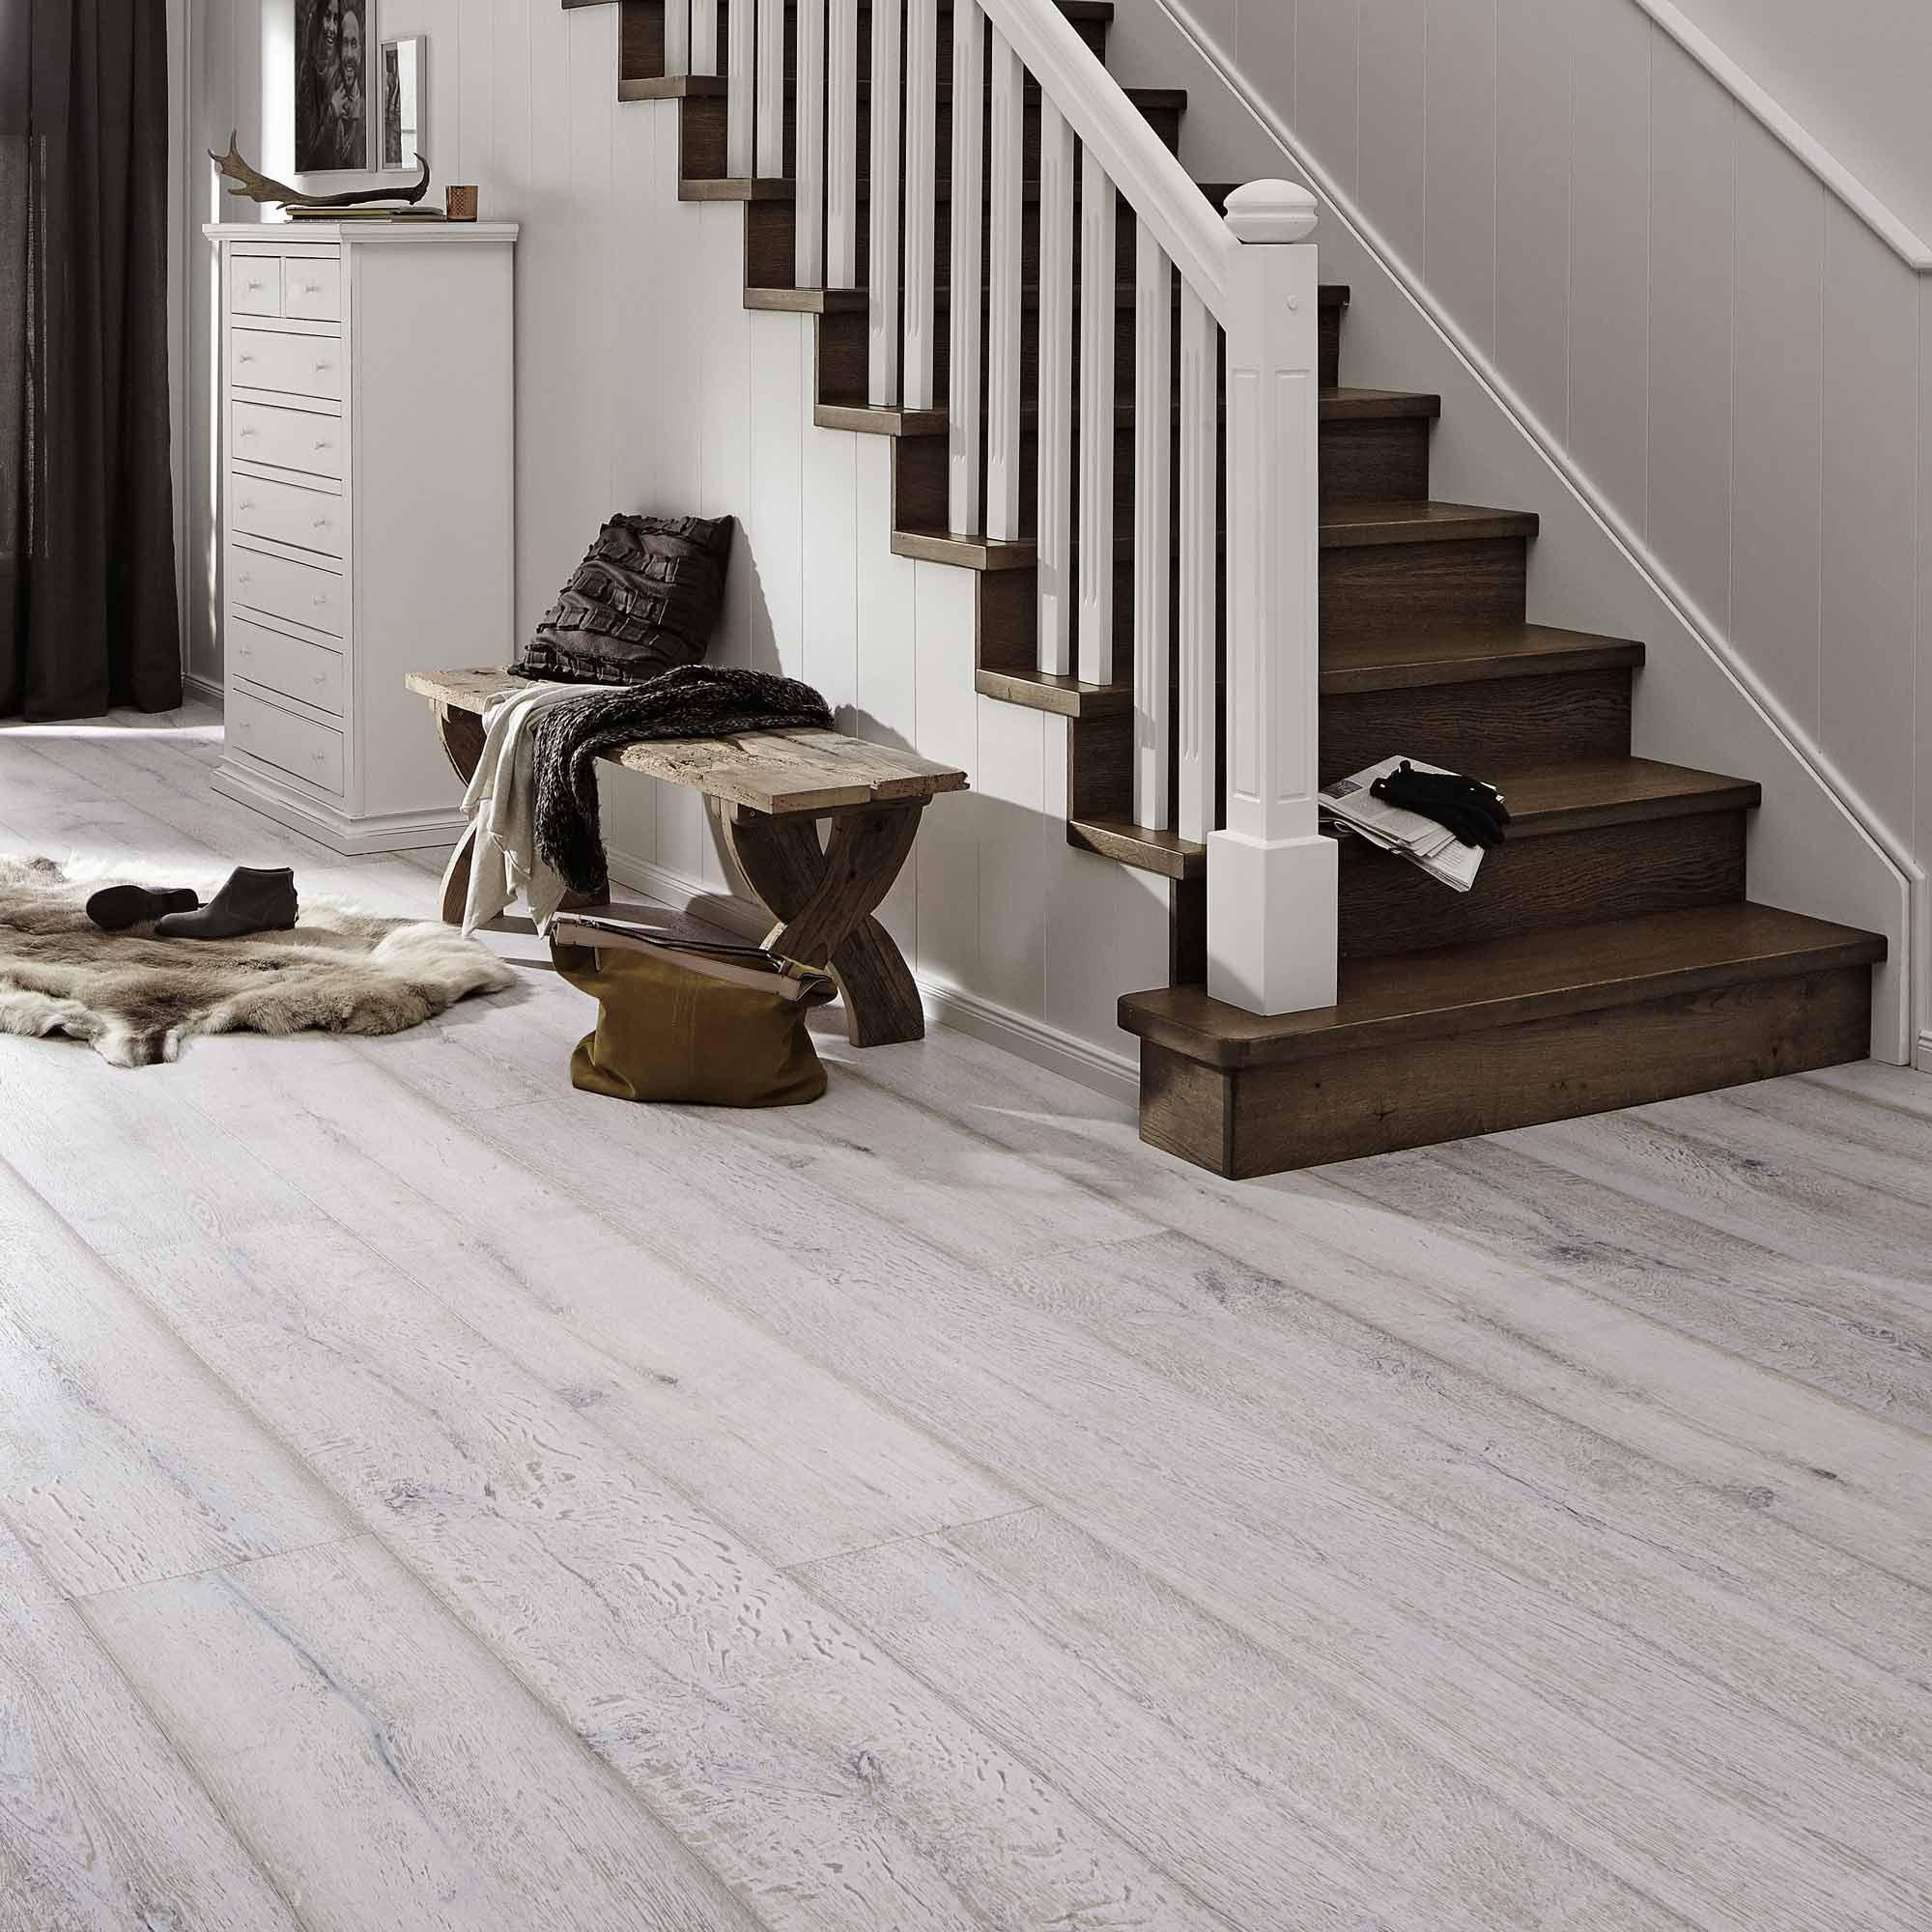 Treppen aus Holz HolzLand Verbeek